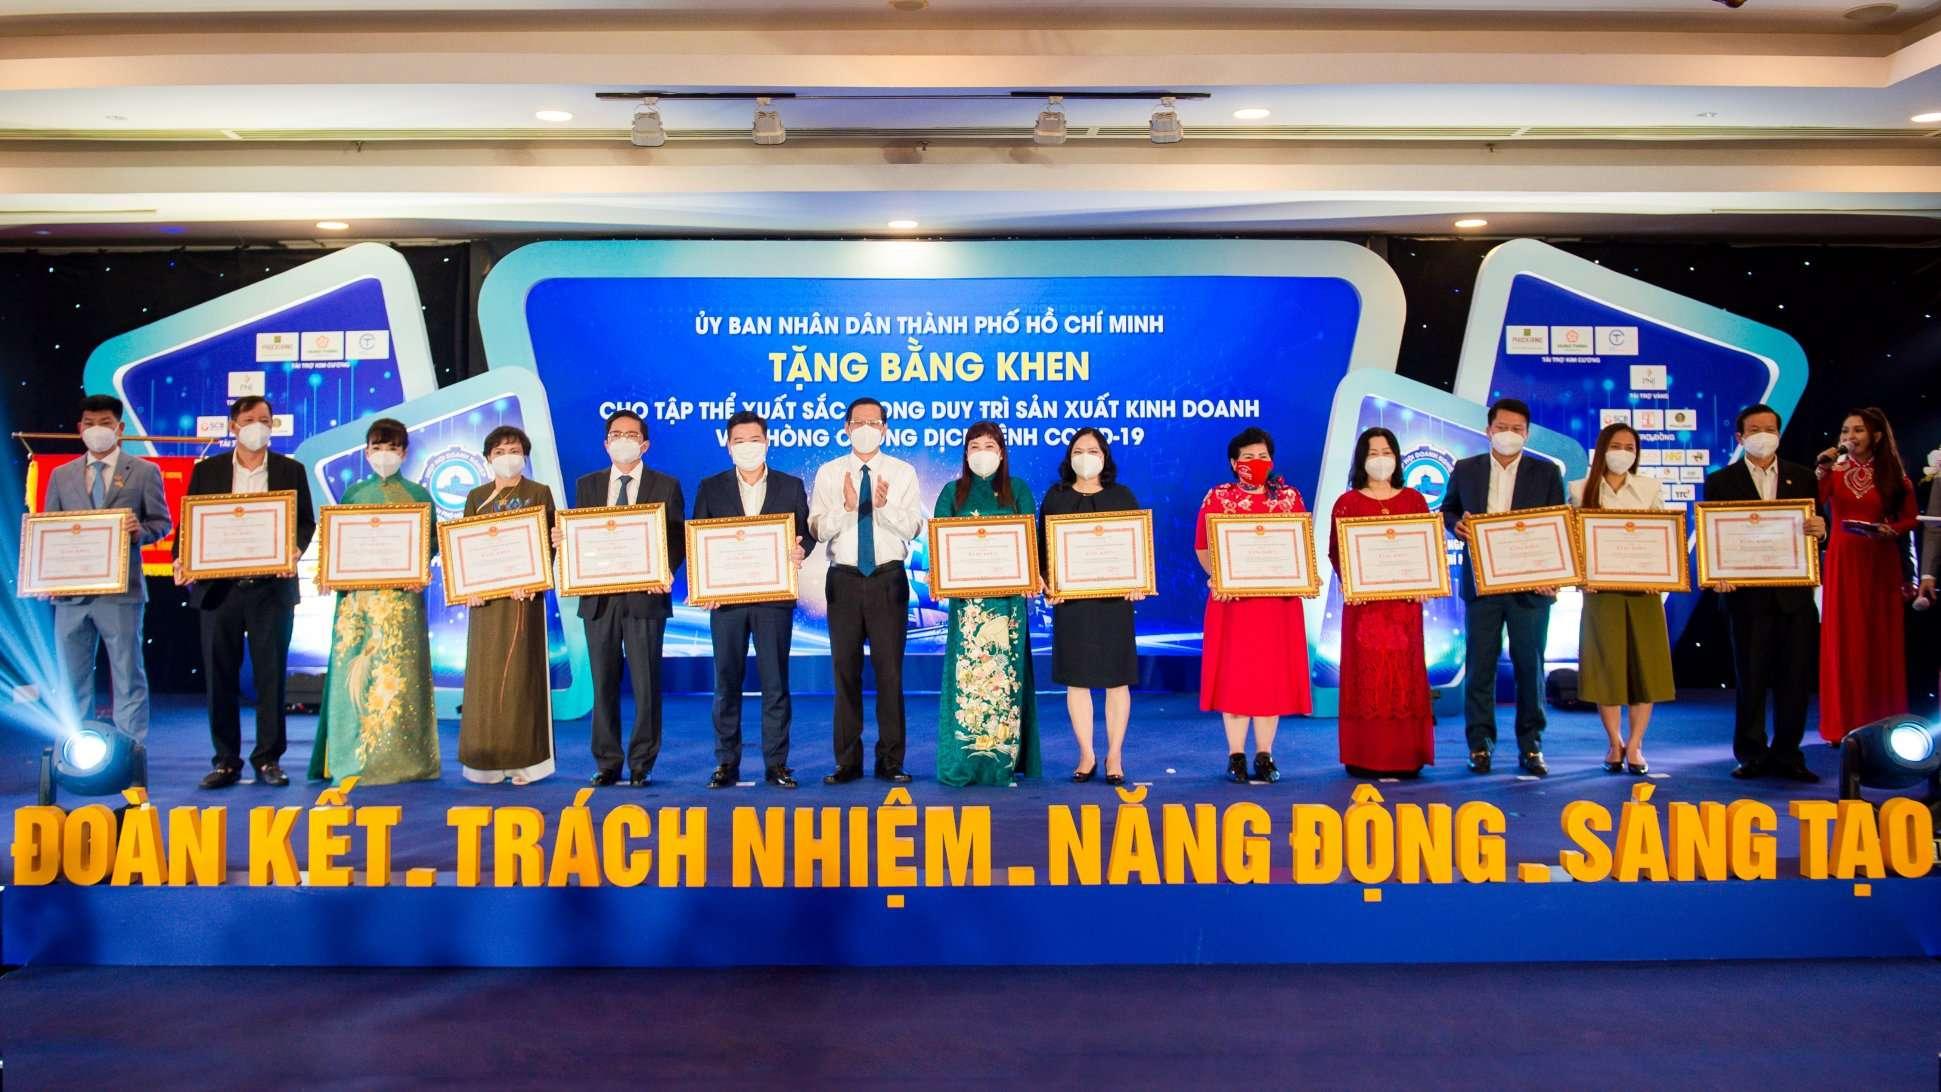 Tập đoàn Hưng Thịnh đón nhận bằng khen của UBND TP.HCM